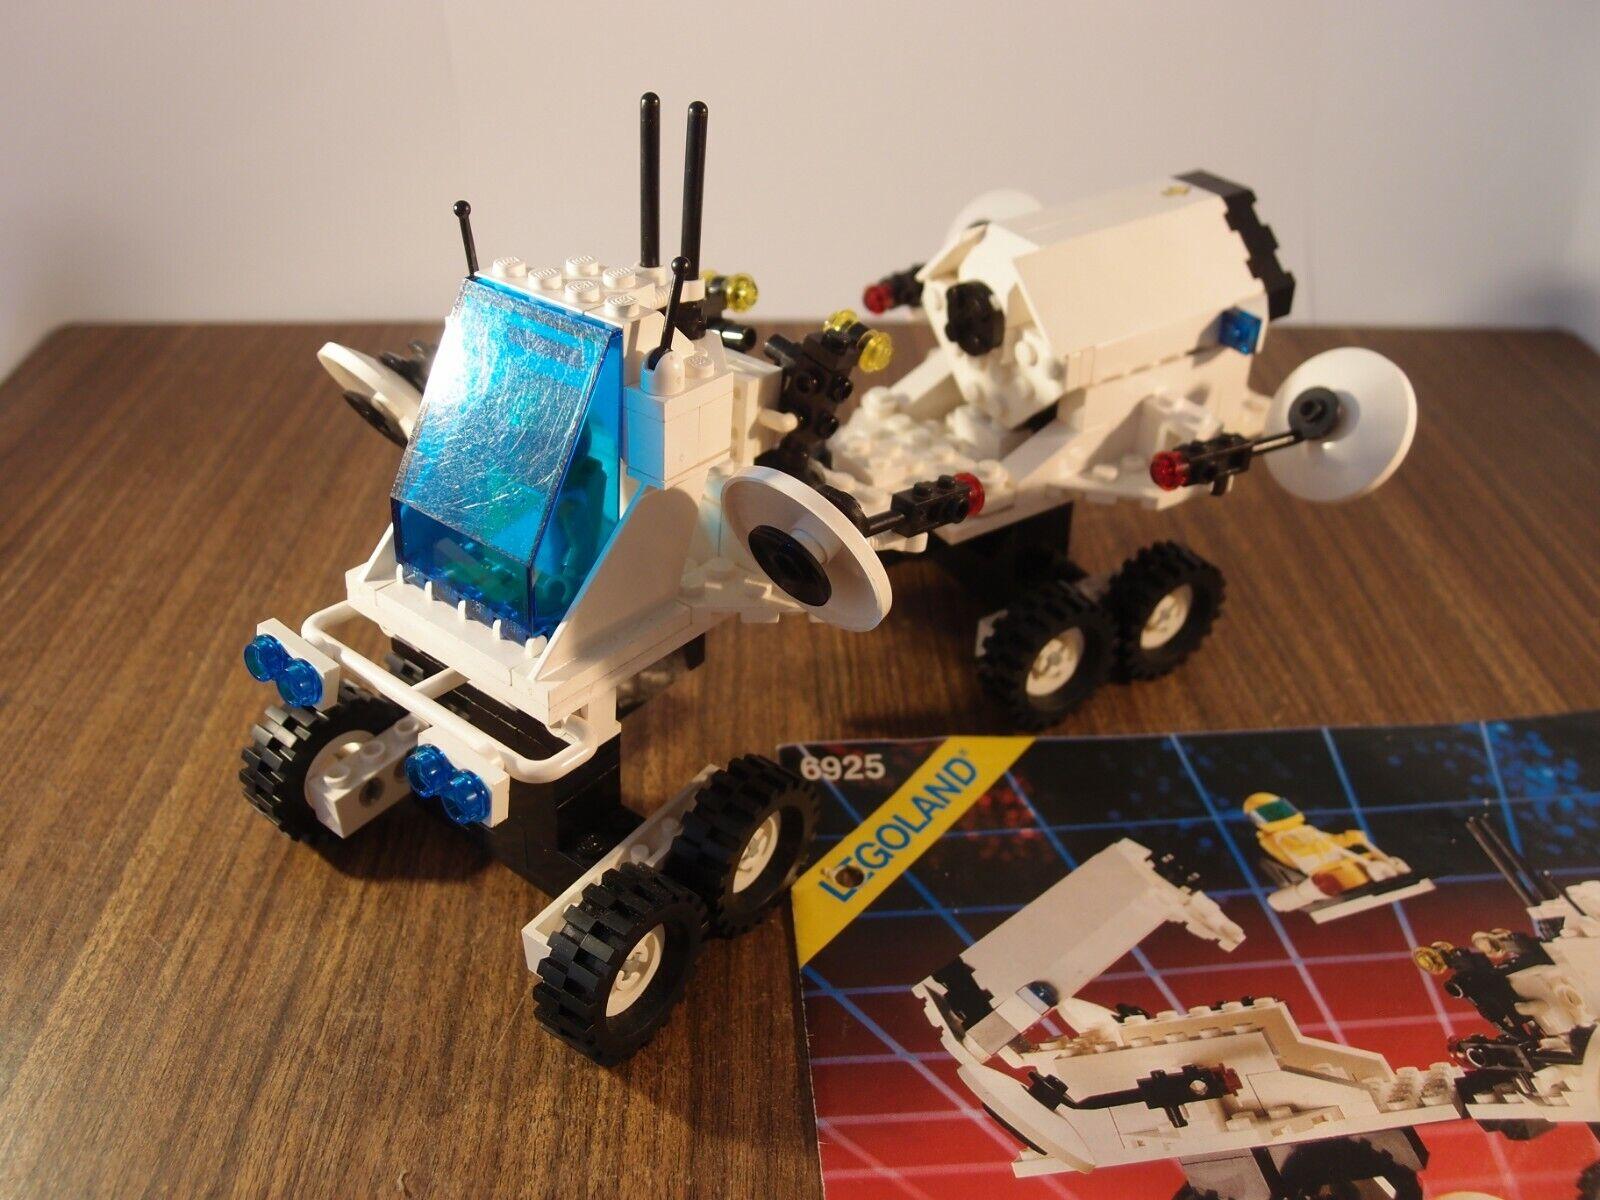 1988 LEGO GROUP Vintage Lego 6925 Space  FUTURON  Interplanetary Rover